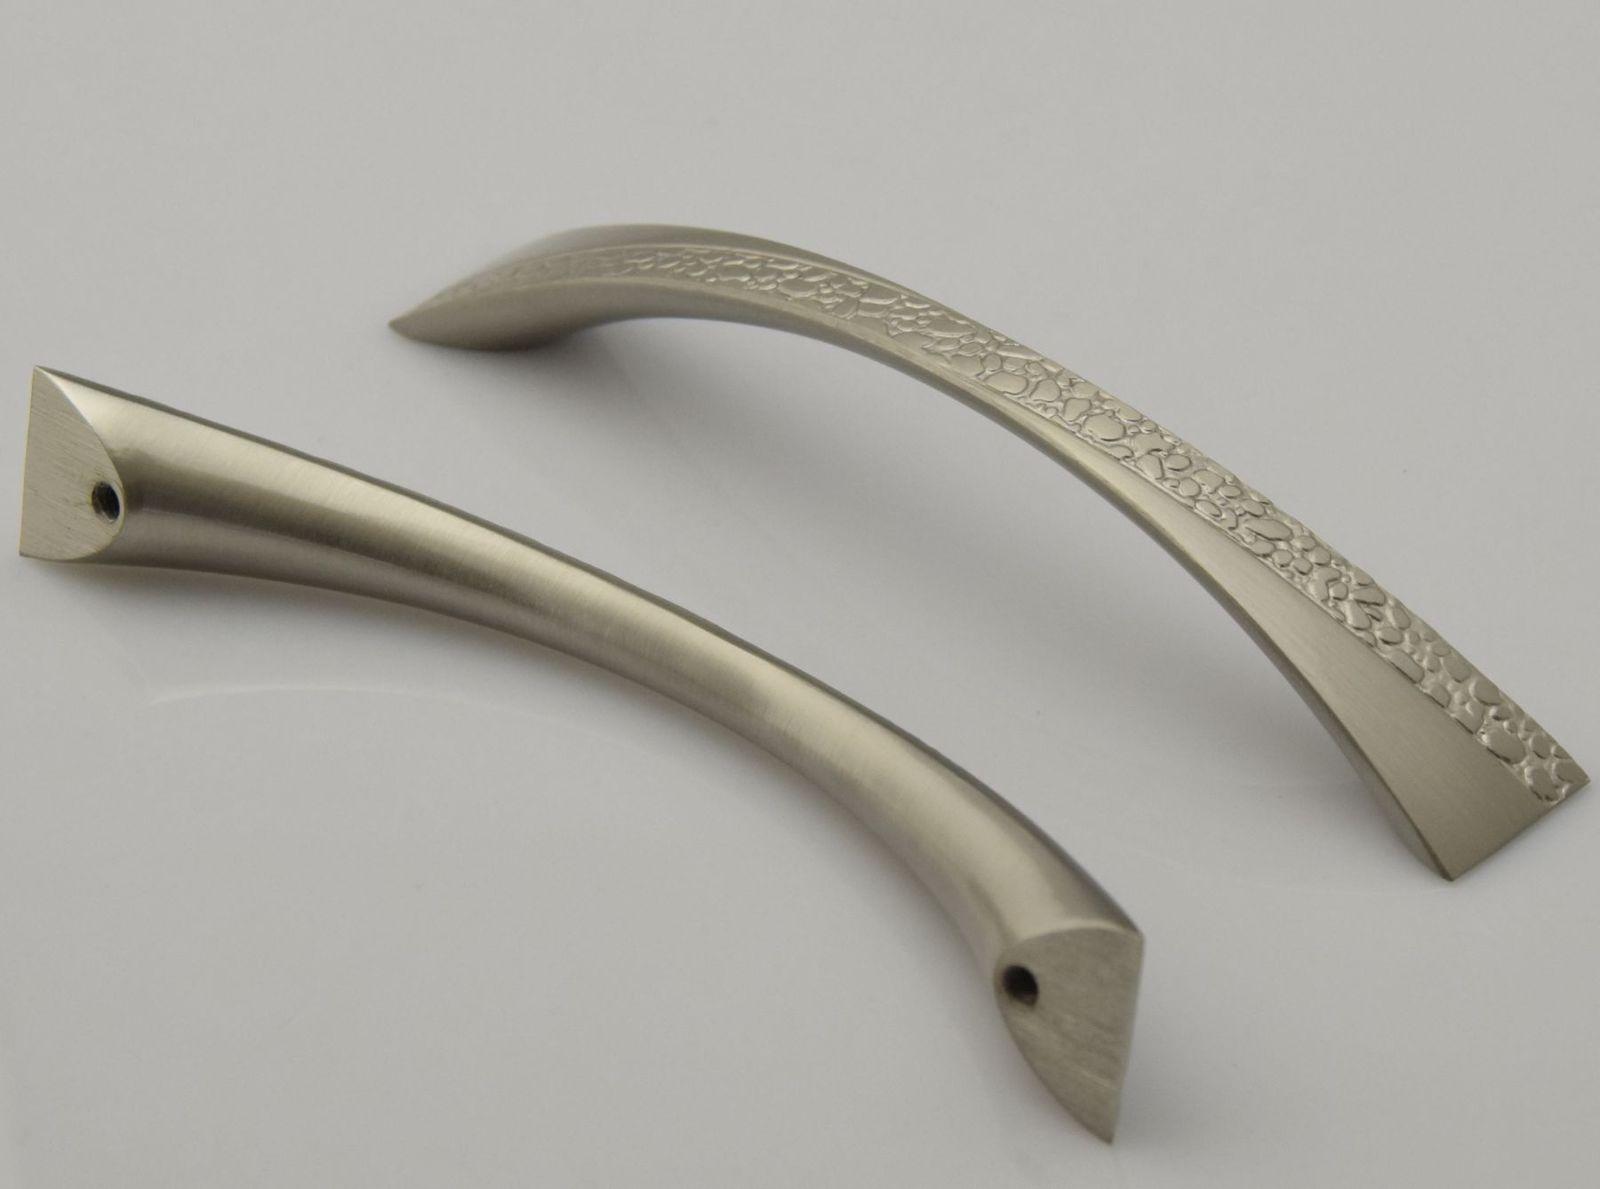 Griffe kuche 128mm edelstahl for Mobelgriffe edelstahl 128 mm